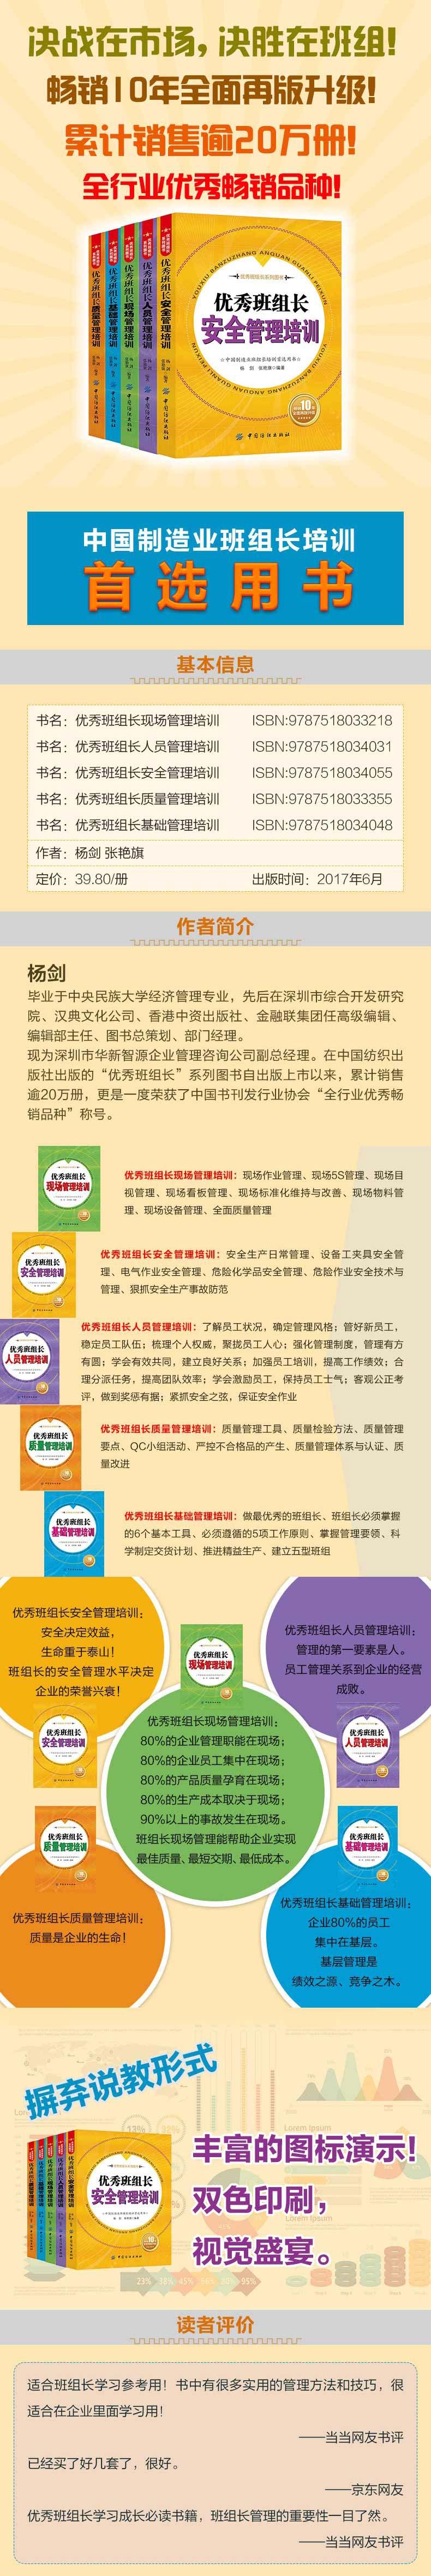 汉典文化公司,香港中资出版社,金融联集团任高级编辑,编辑部主任,图书